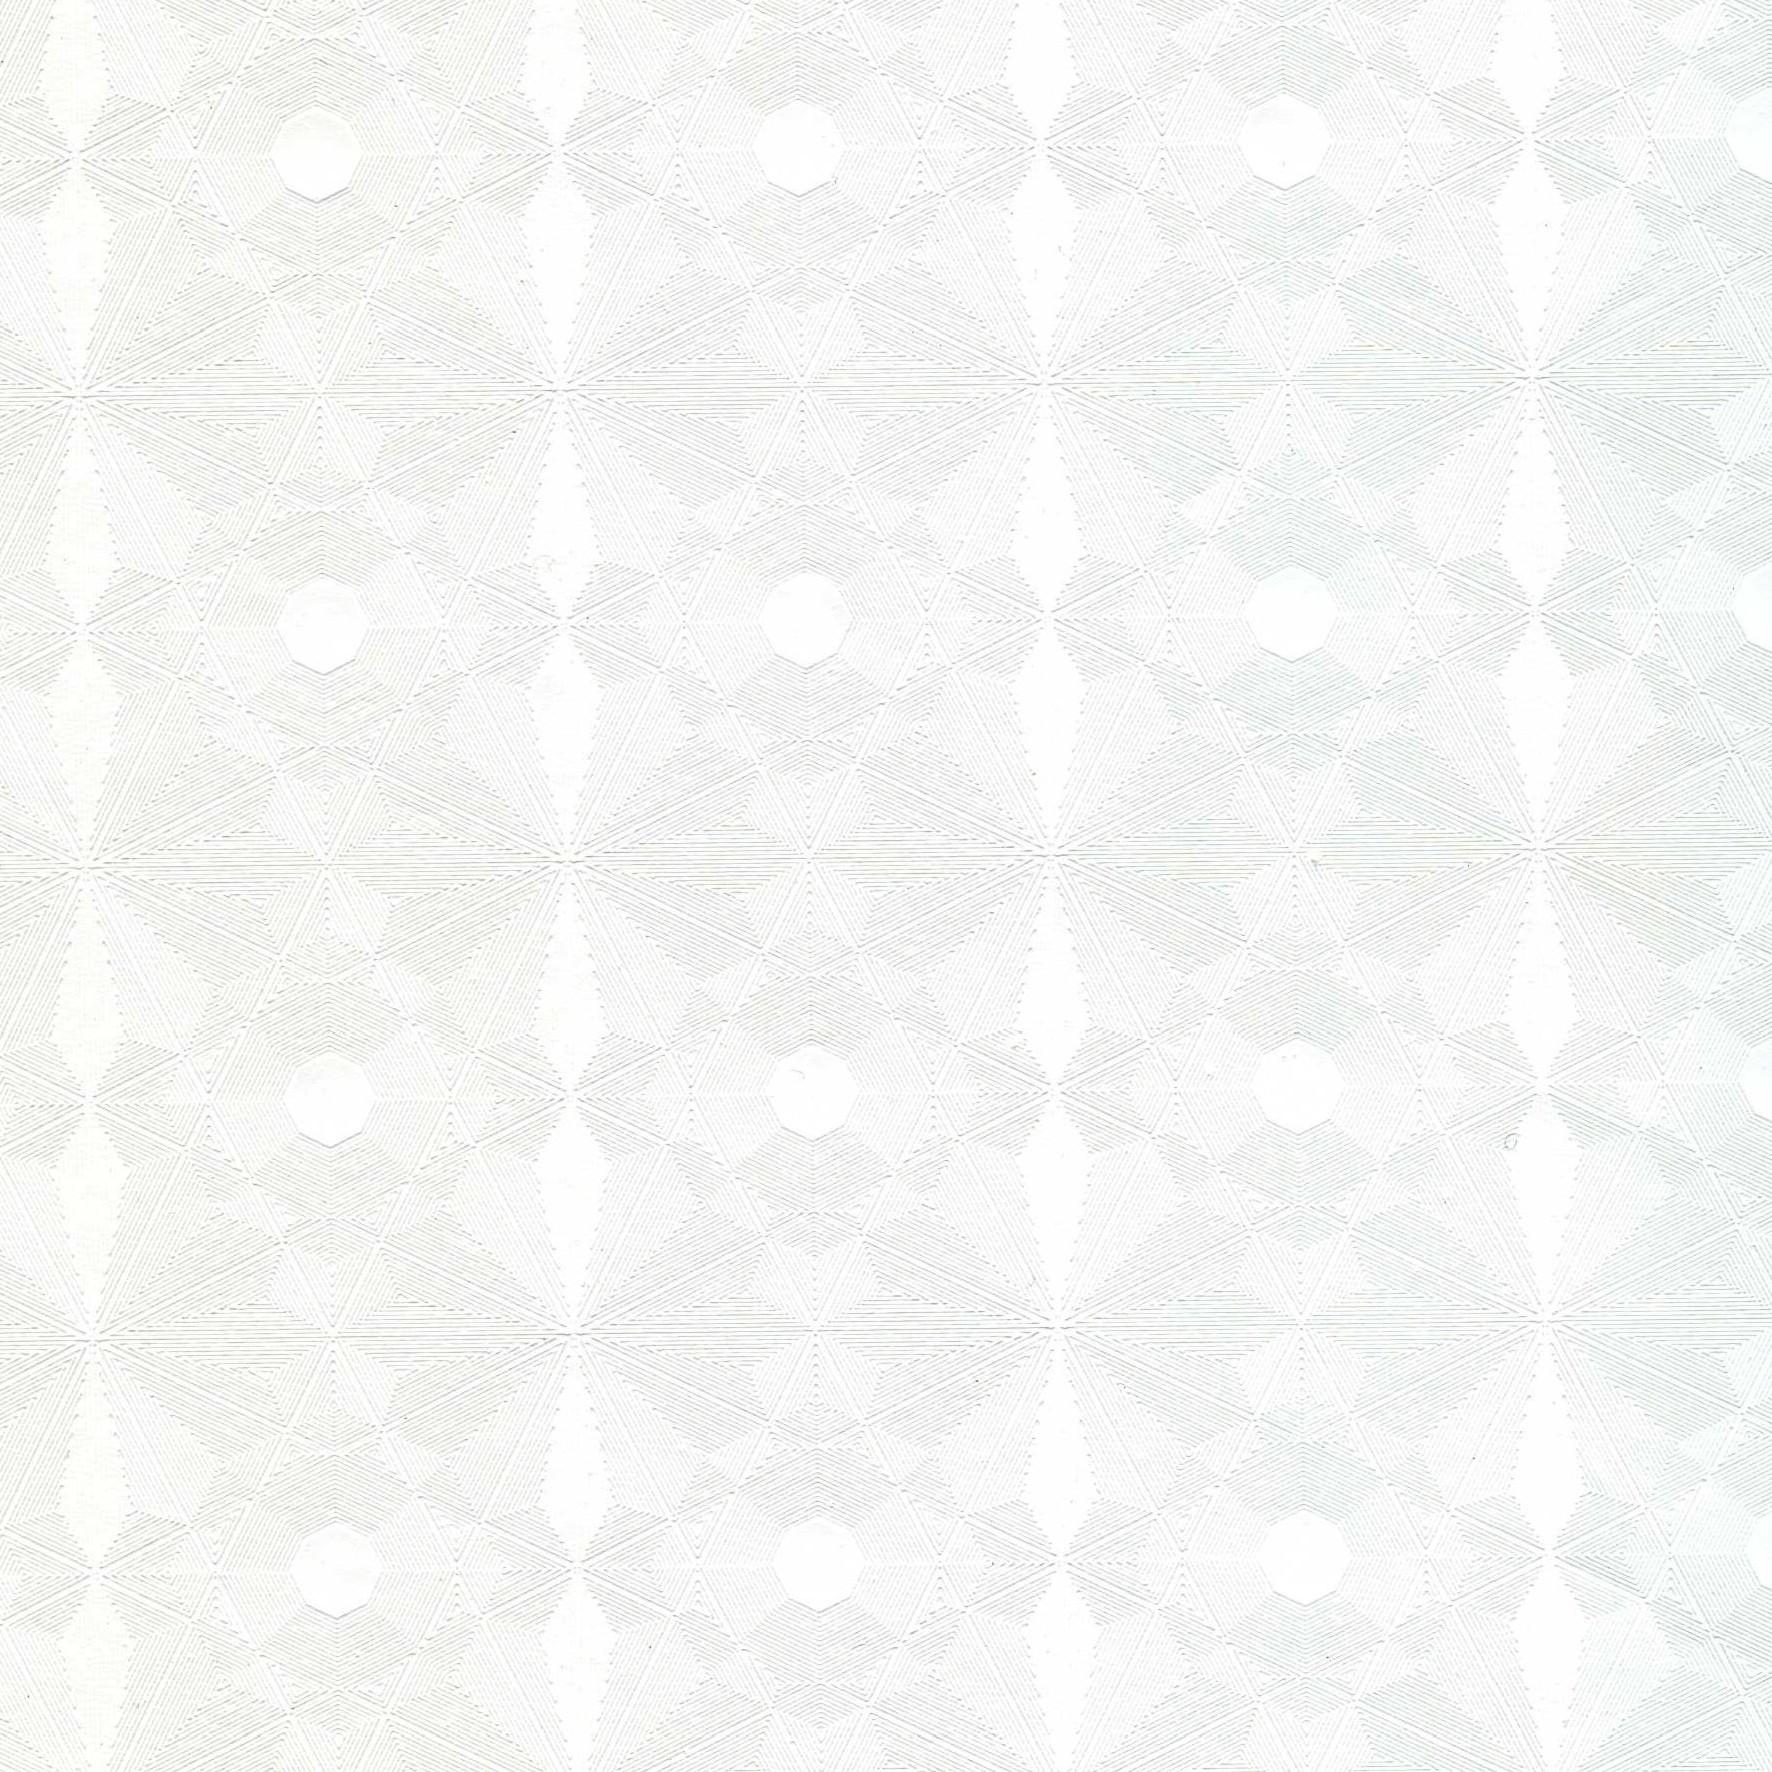 carreaux de pl tre fabricant de carreaux de pl tre de haute qualit en provenance de ta wan. Black Bedroom Furniture Sets. Home Design Ideas